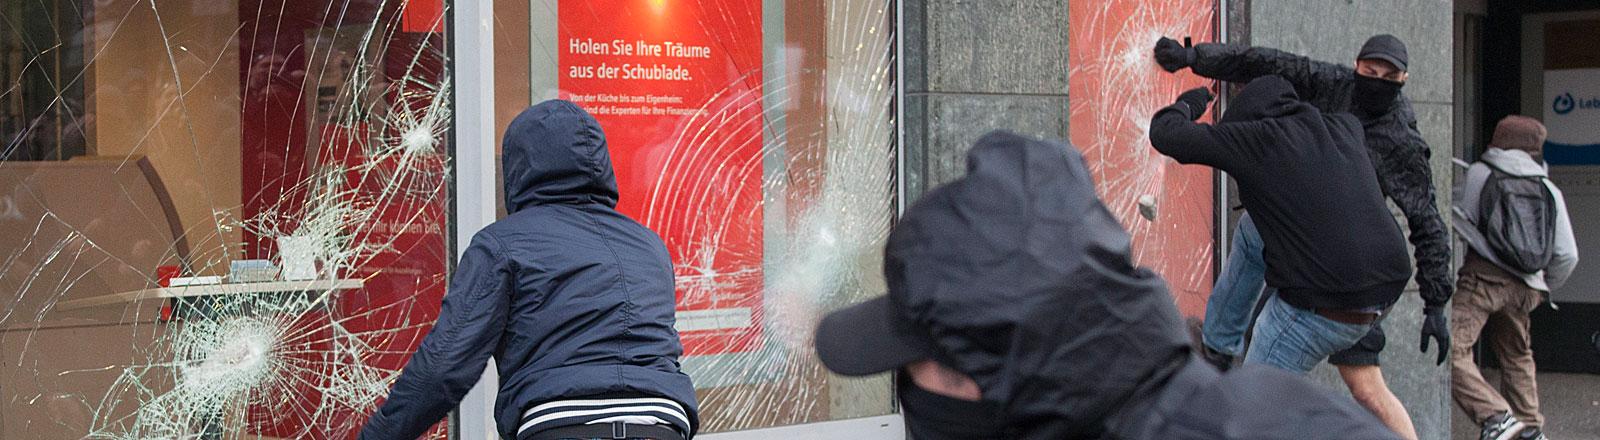 """Teilnehmer der """"Revolutionären 1. Mai-Demonstration"""" treten am 01.05.2013 in Berlin das Schaufenster einer Sparkassenfiliale ein."""